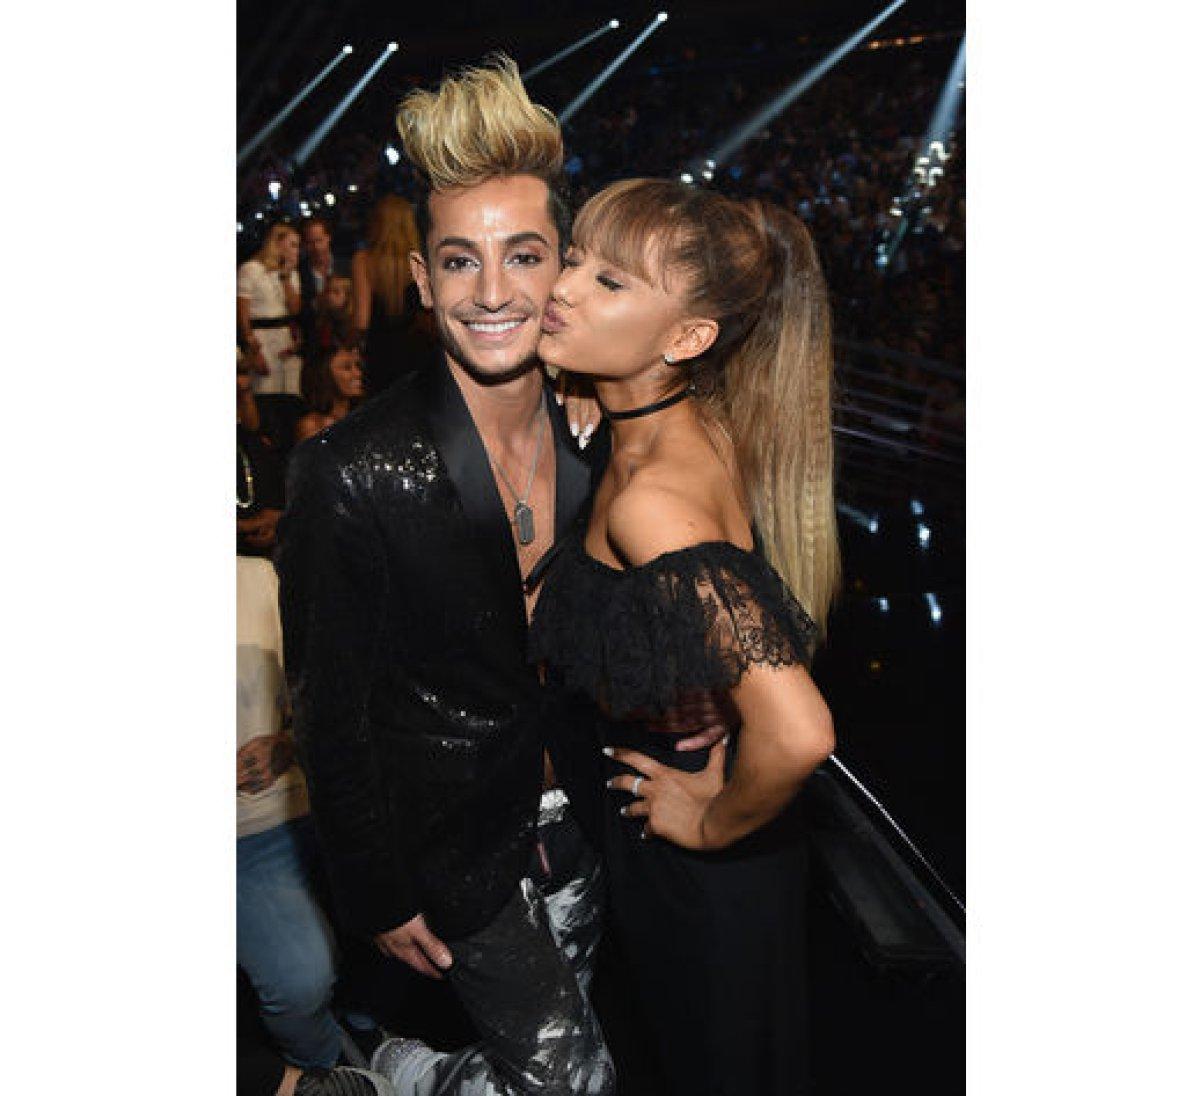 ¿Sabías que Taylor Swift y Ariana Grande tienen hermanos idénticos a ellas?